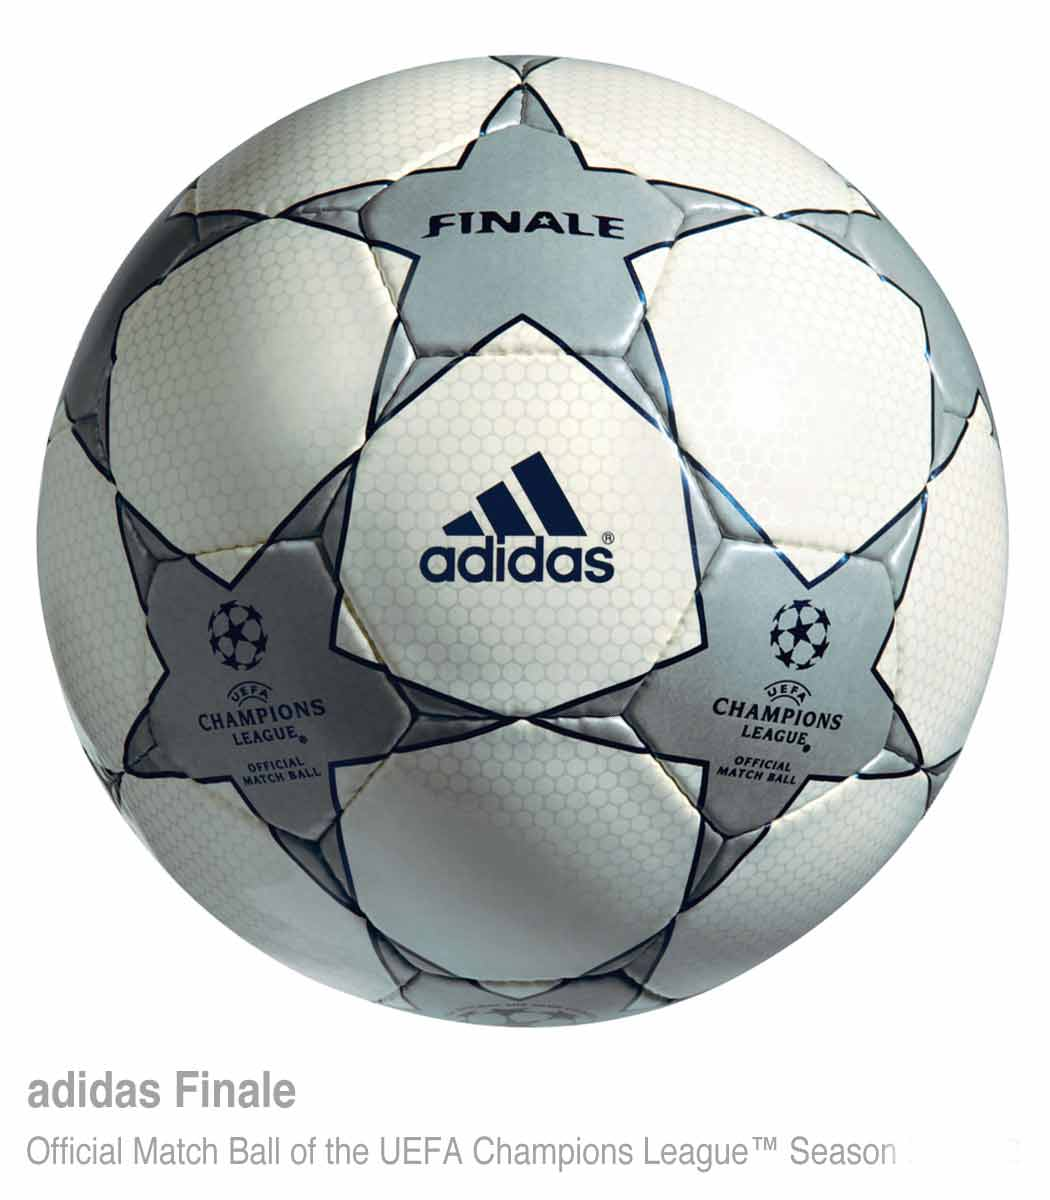 мяч финала кубка уефа 2002